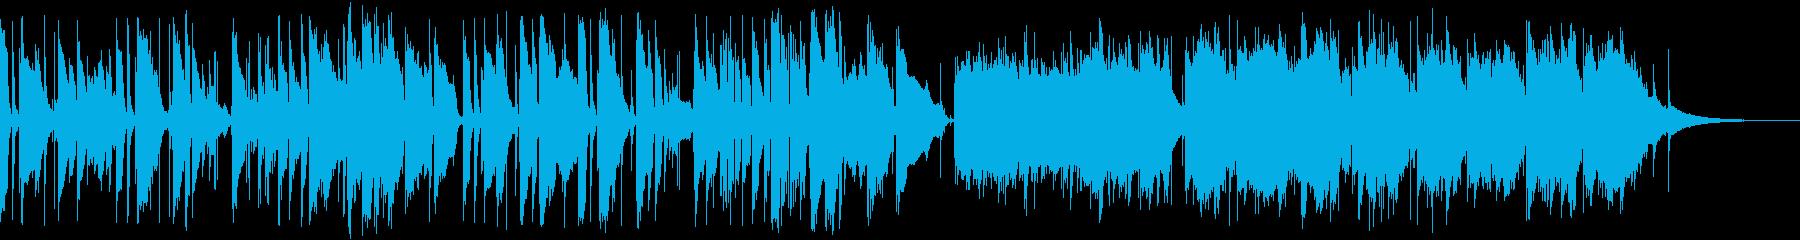 アコースティックアンビエント風ソロギターの再生済みの波形